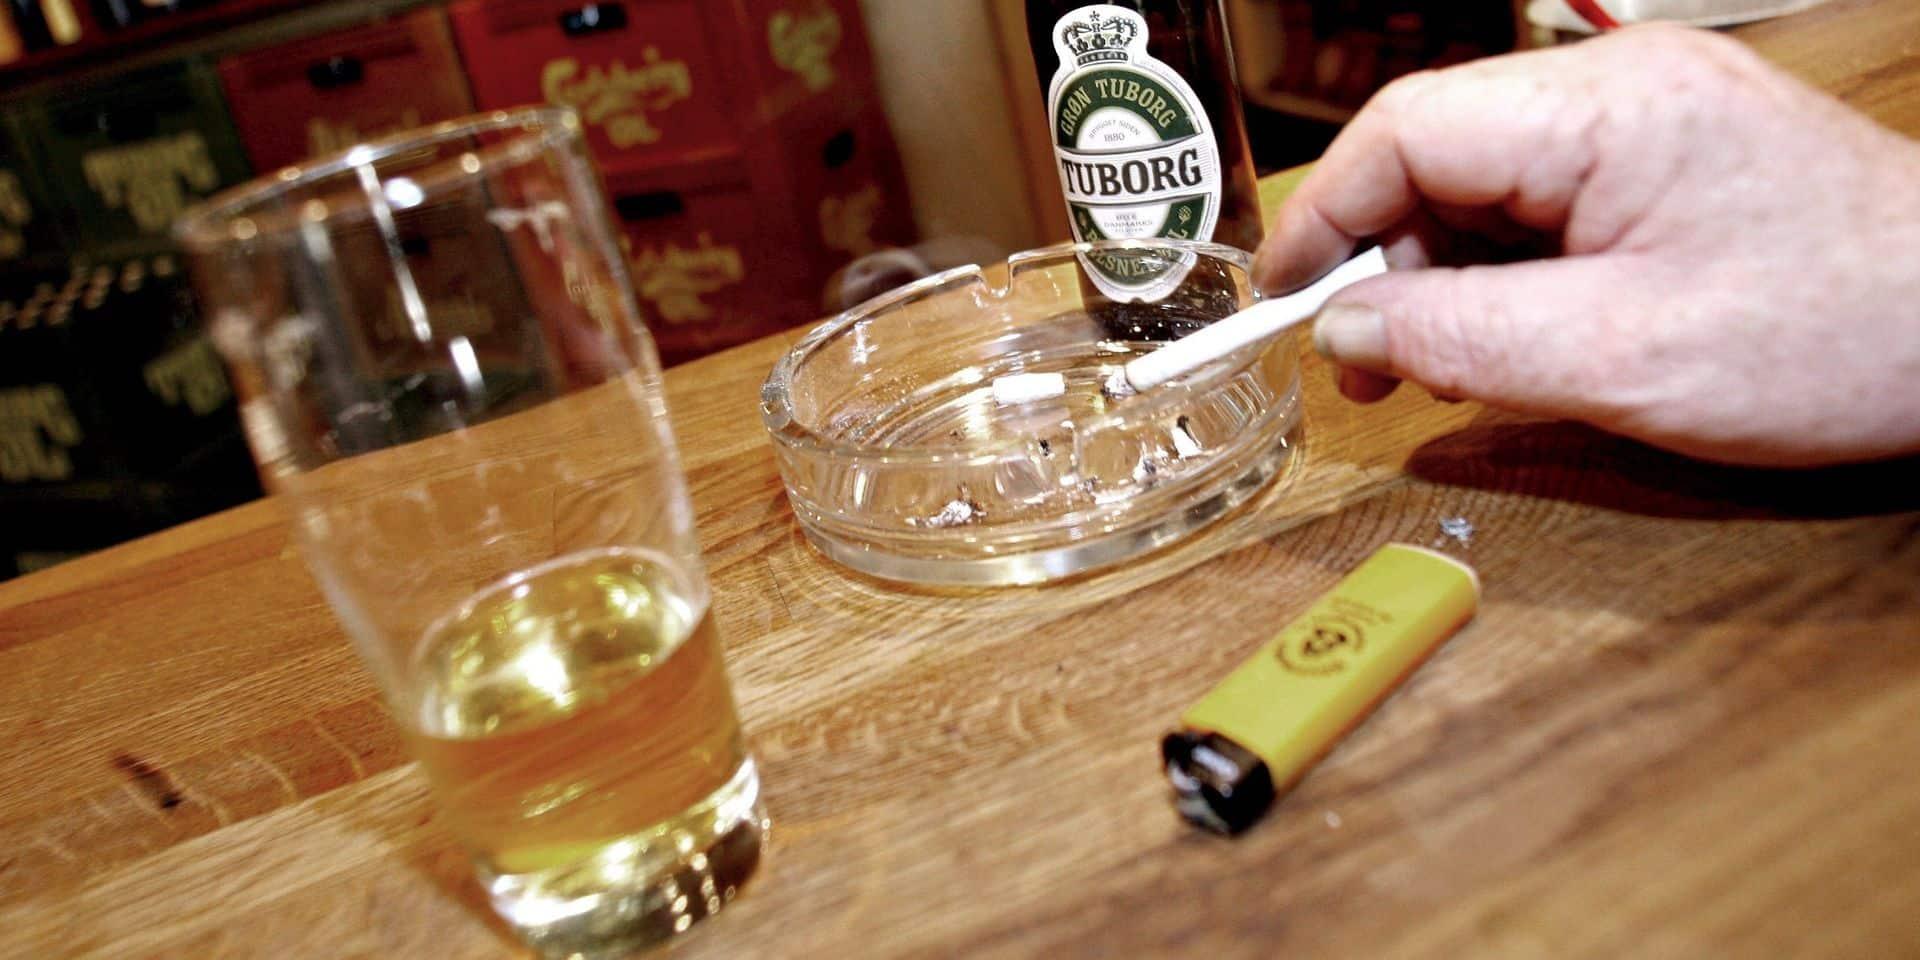 Interdiction de fumer dans les cafés en Wallonie ? Oui, mais...